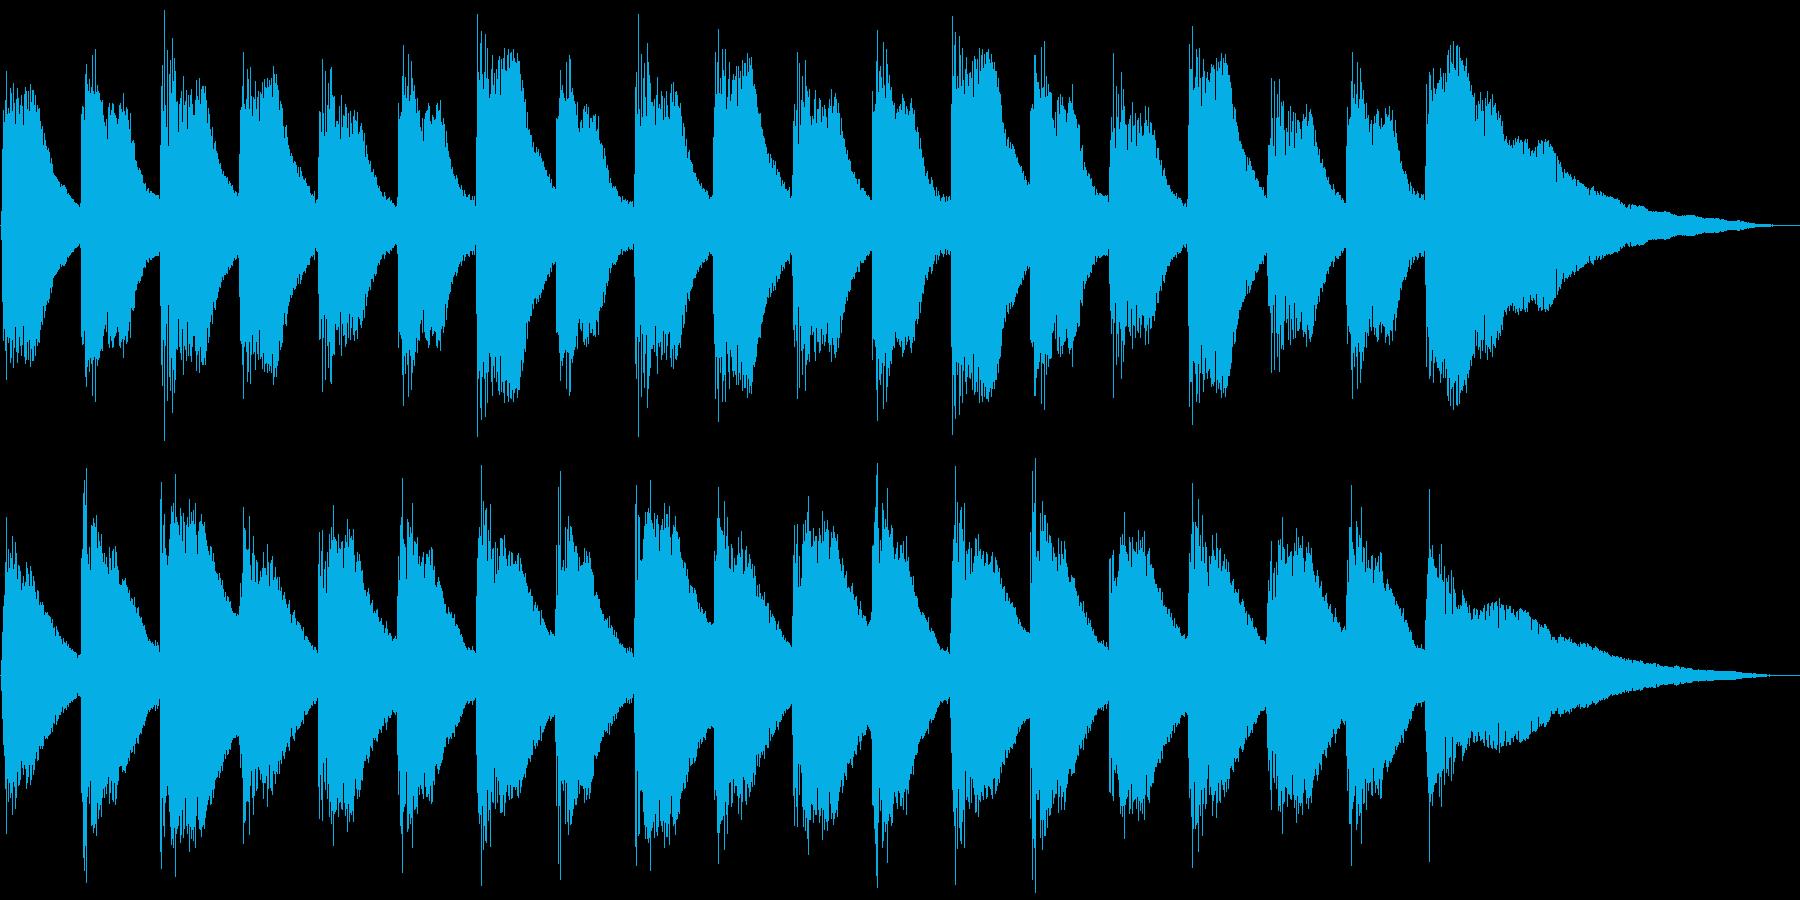 子供と爽やかピアノ、5秒CM、ver.Dの再生済みの波形